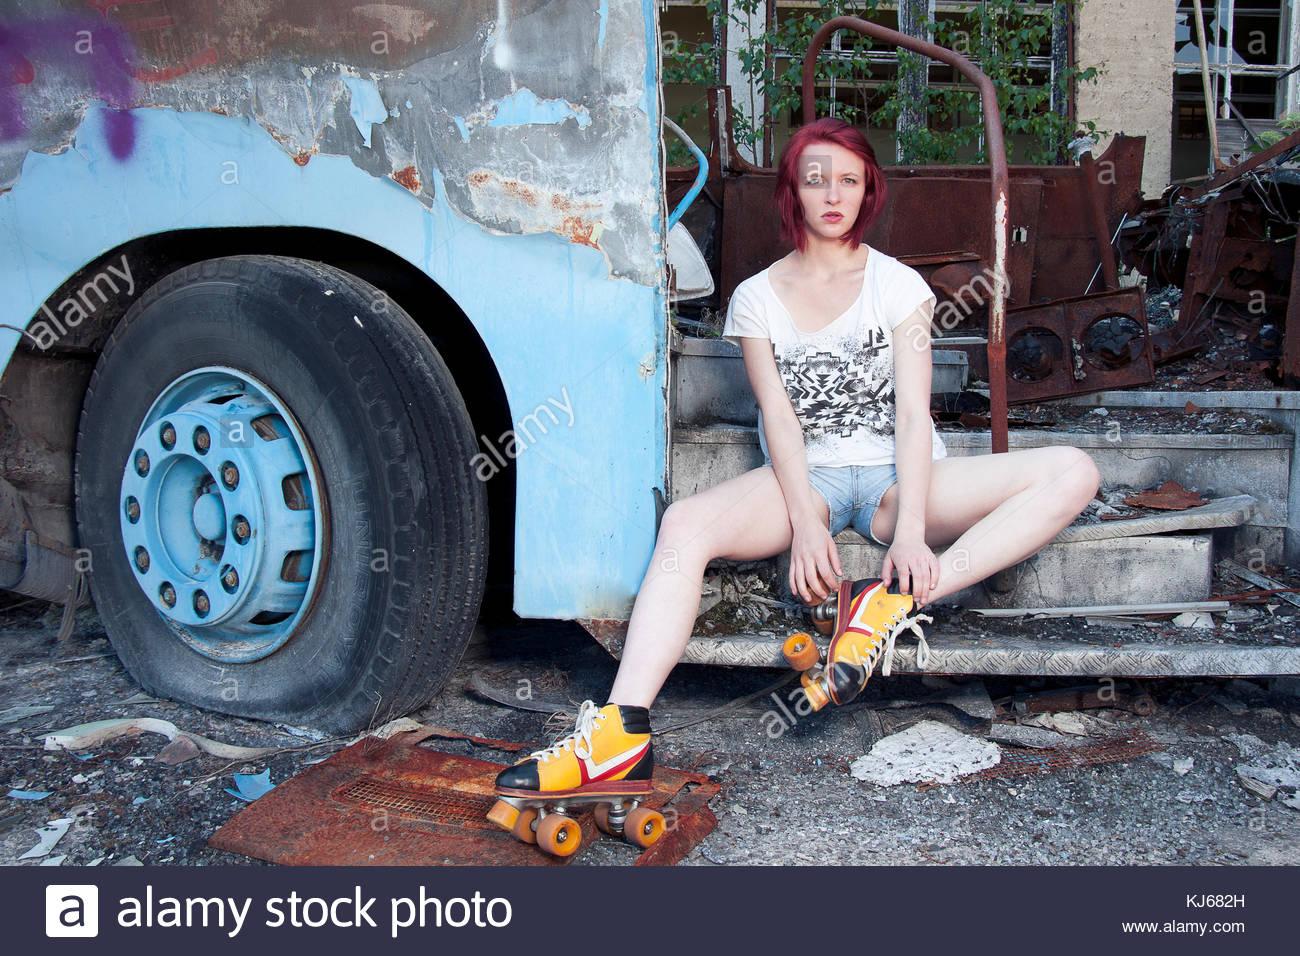 Redhead ragazza con i pattini a rotelle nel cantiere di demolizione Immagini Stock